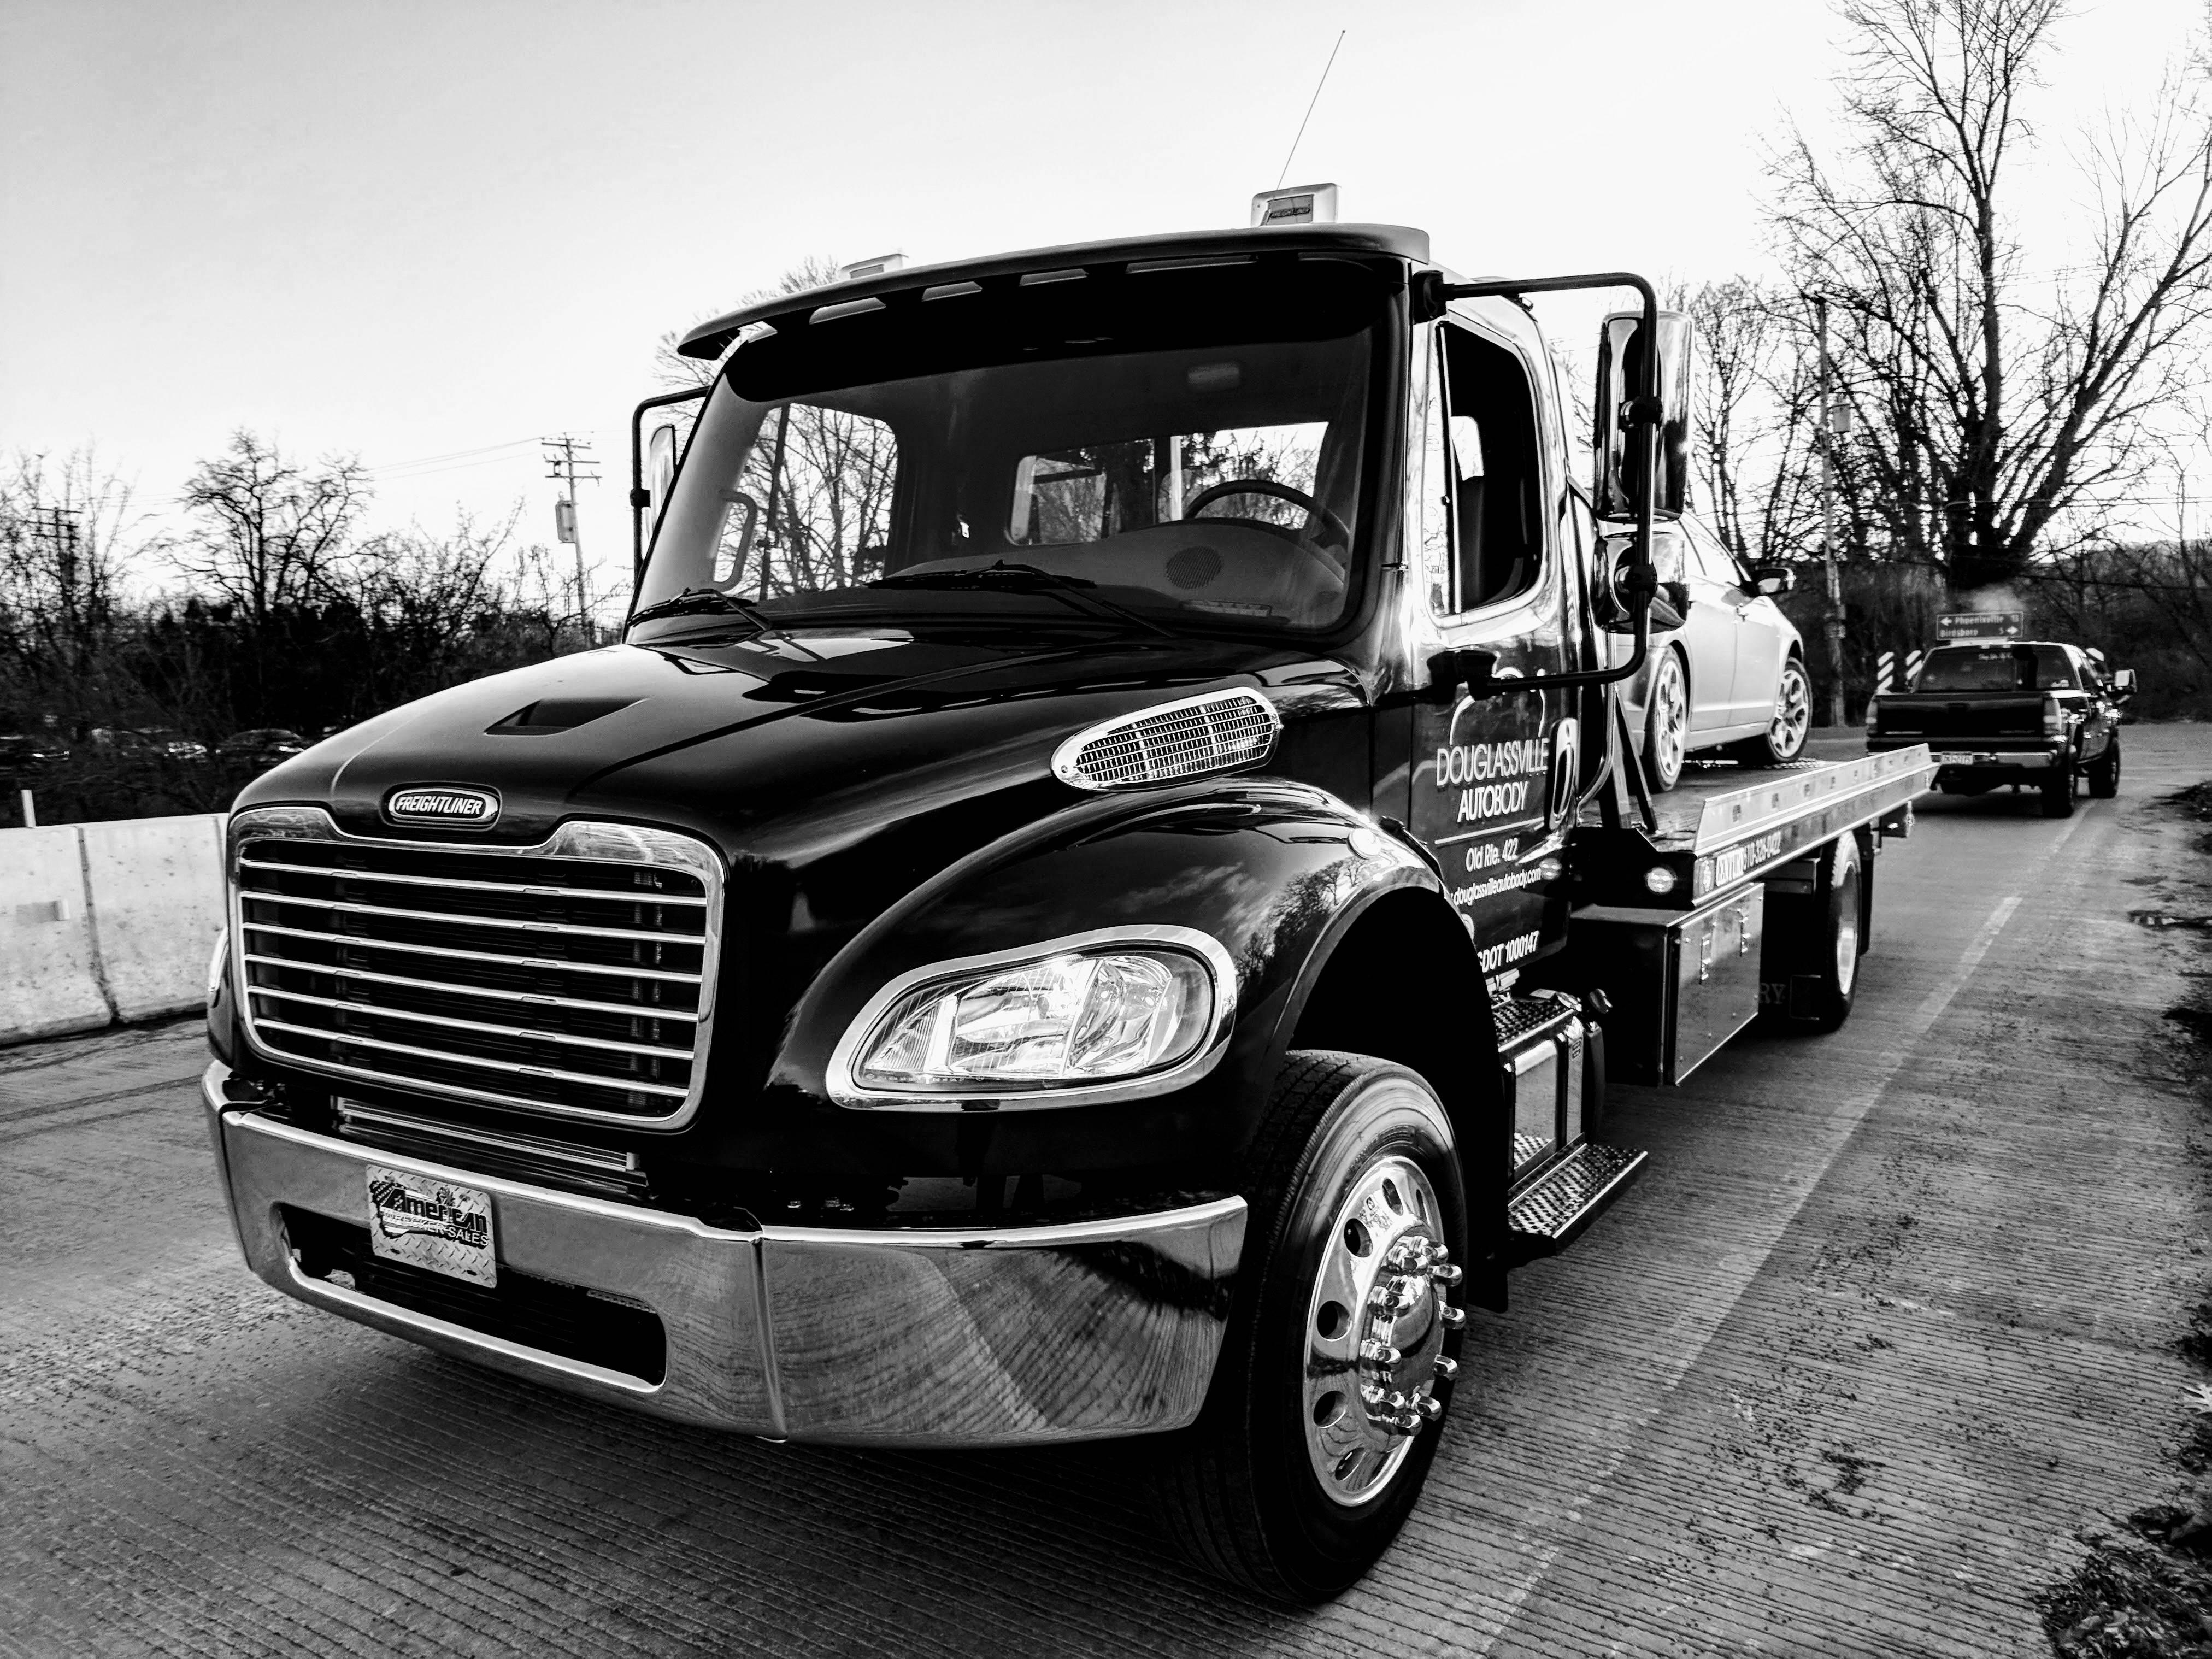 2018 Freightliner M2 - Century S-12 LCG Steel Bed